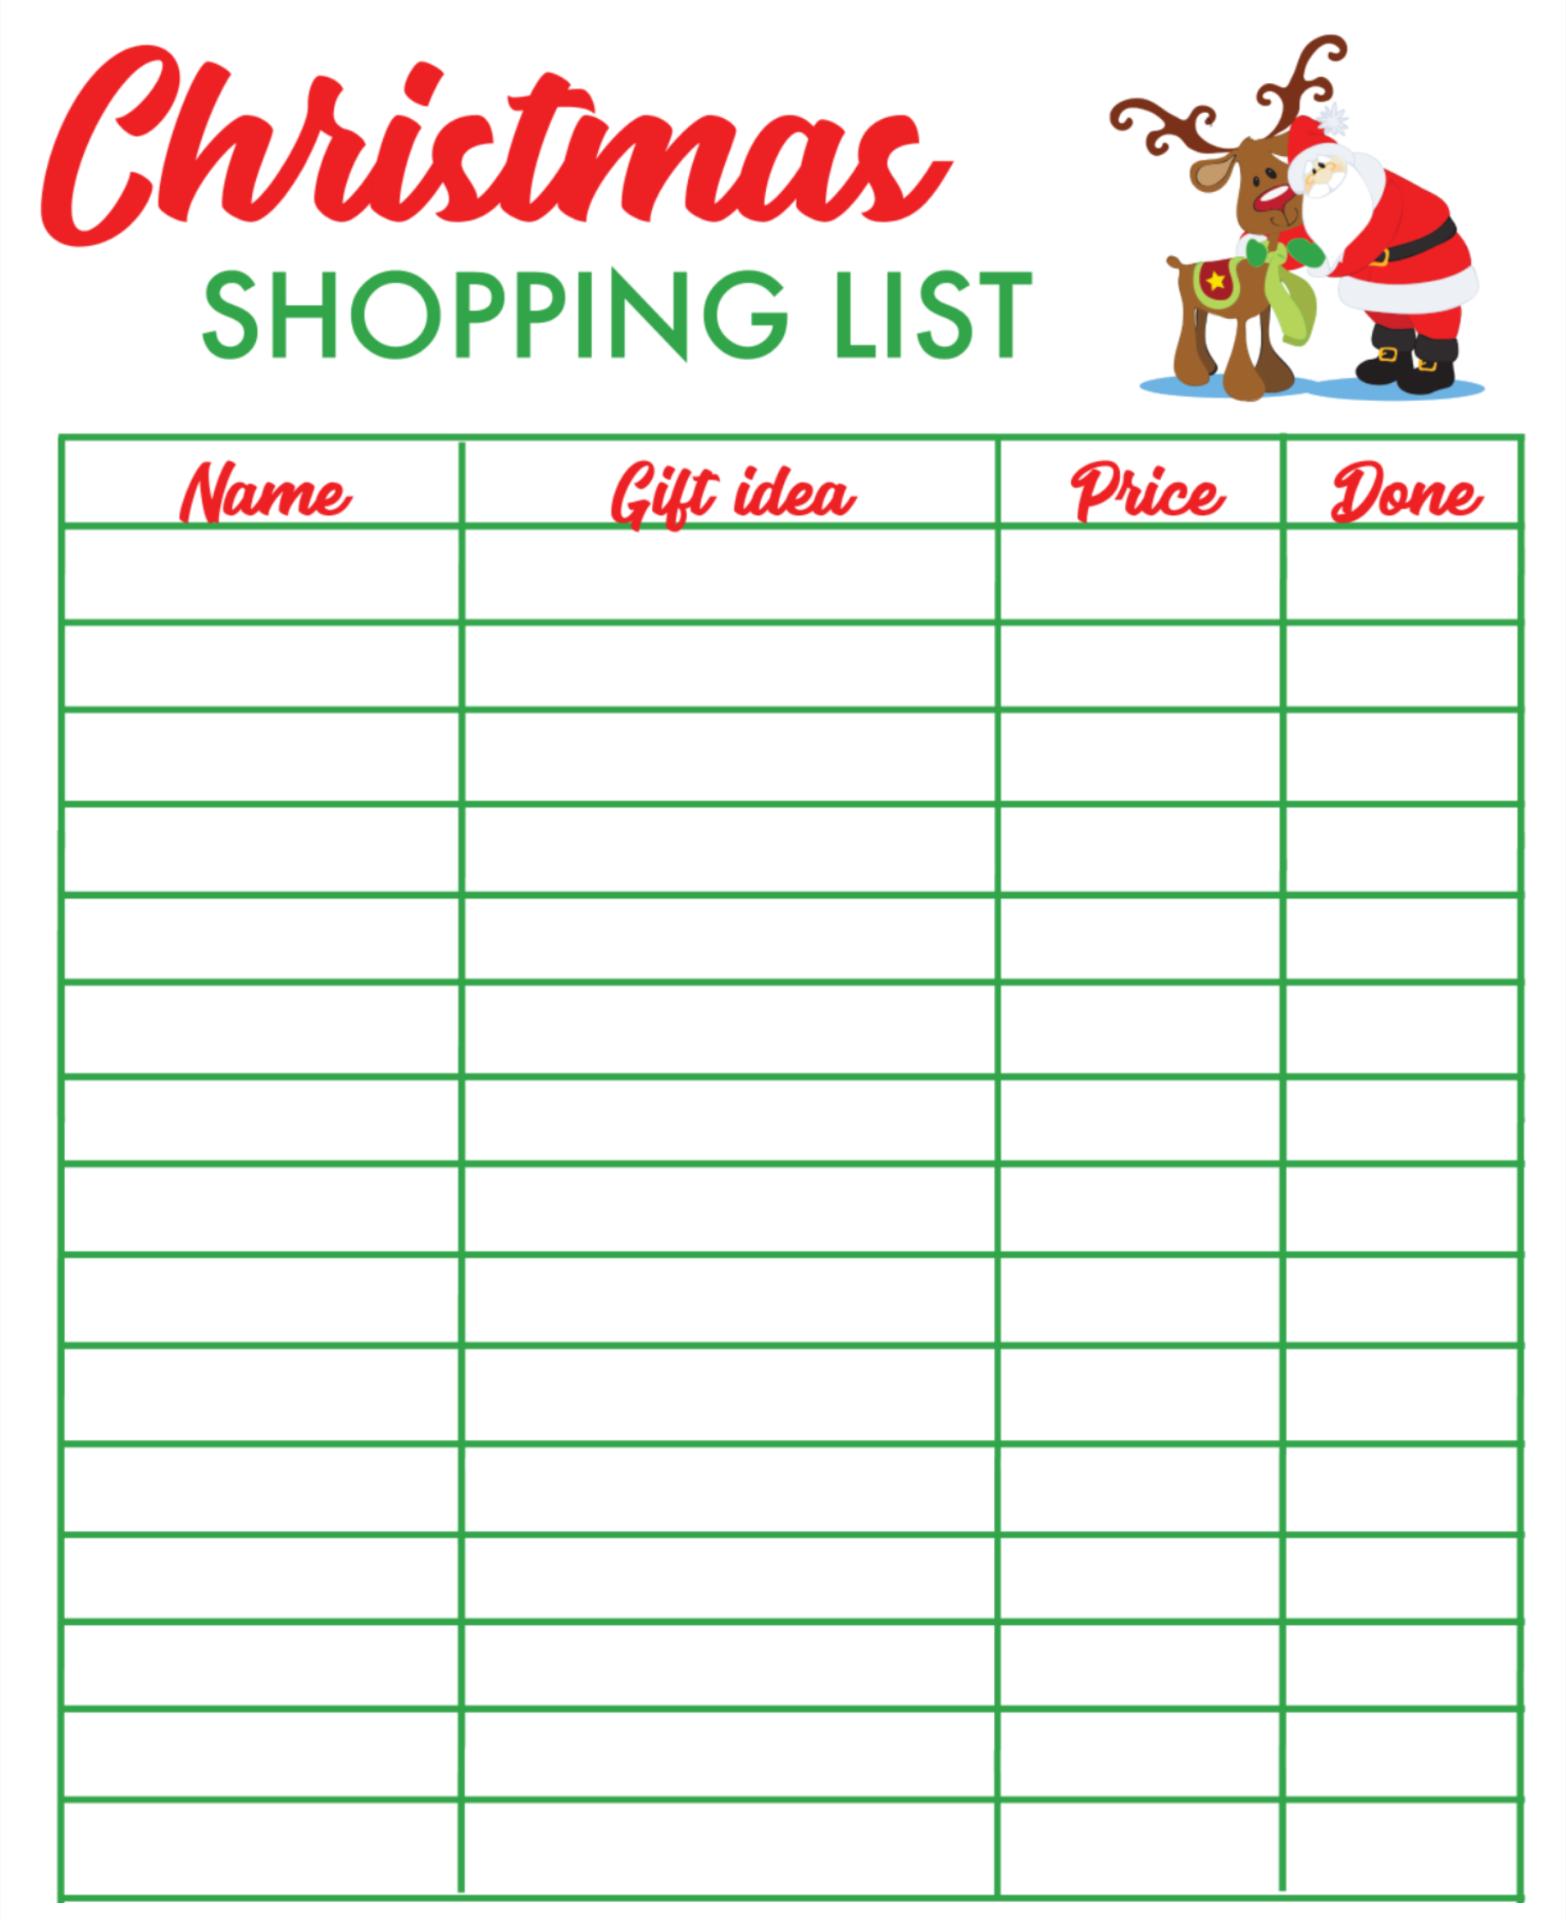 Printable Christmas Shopping List Template